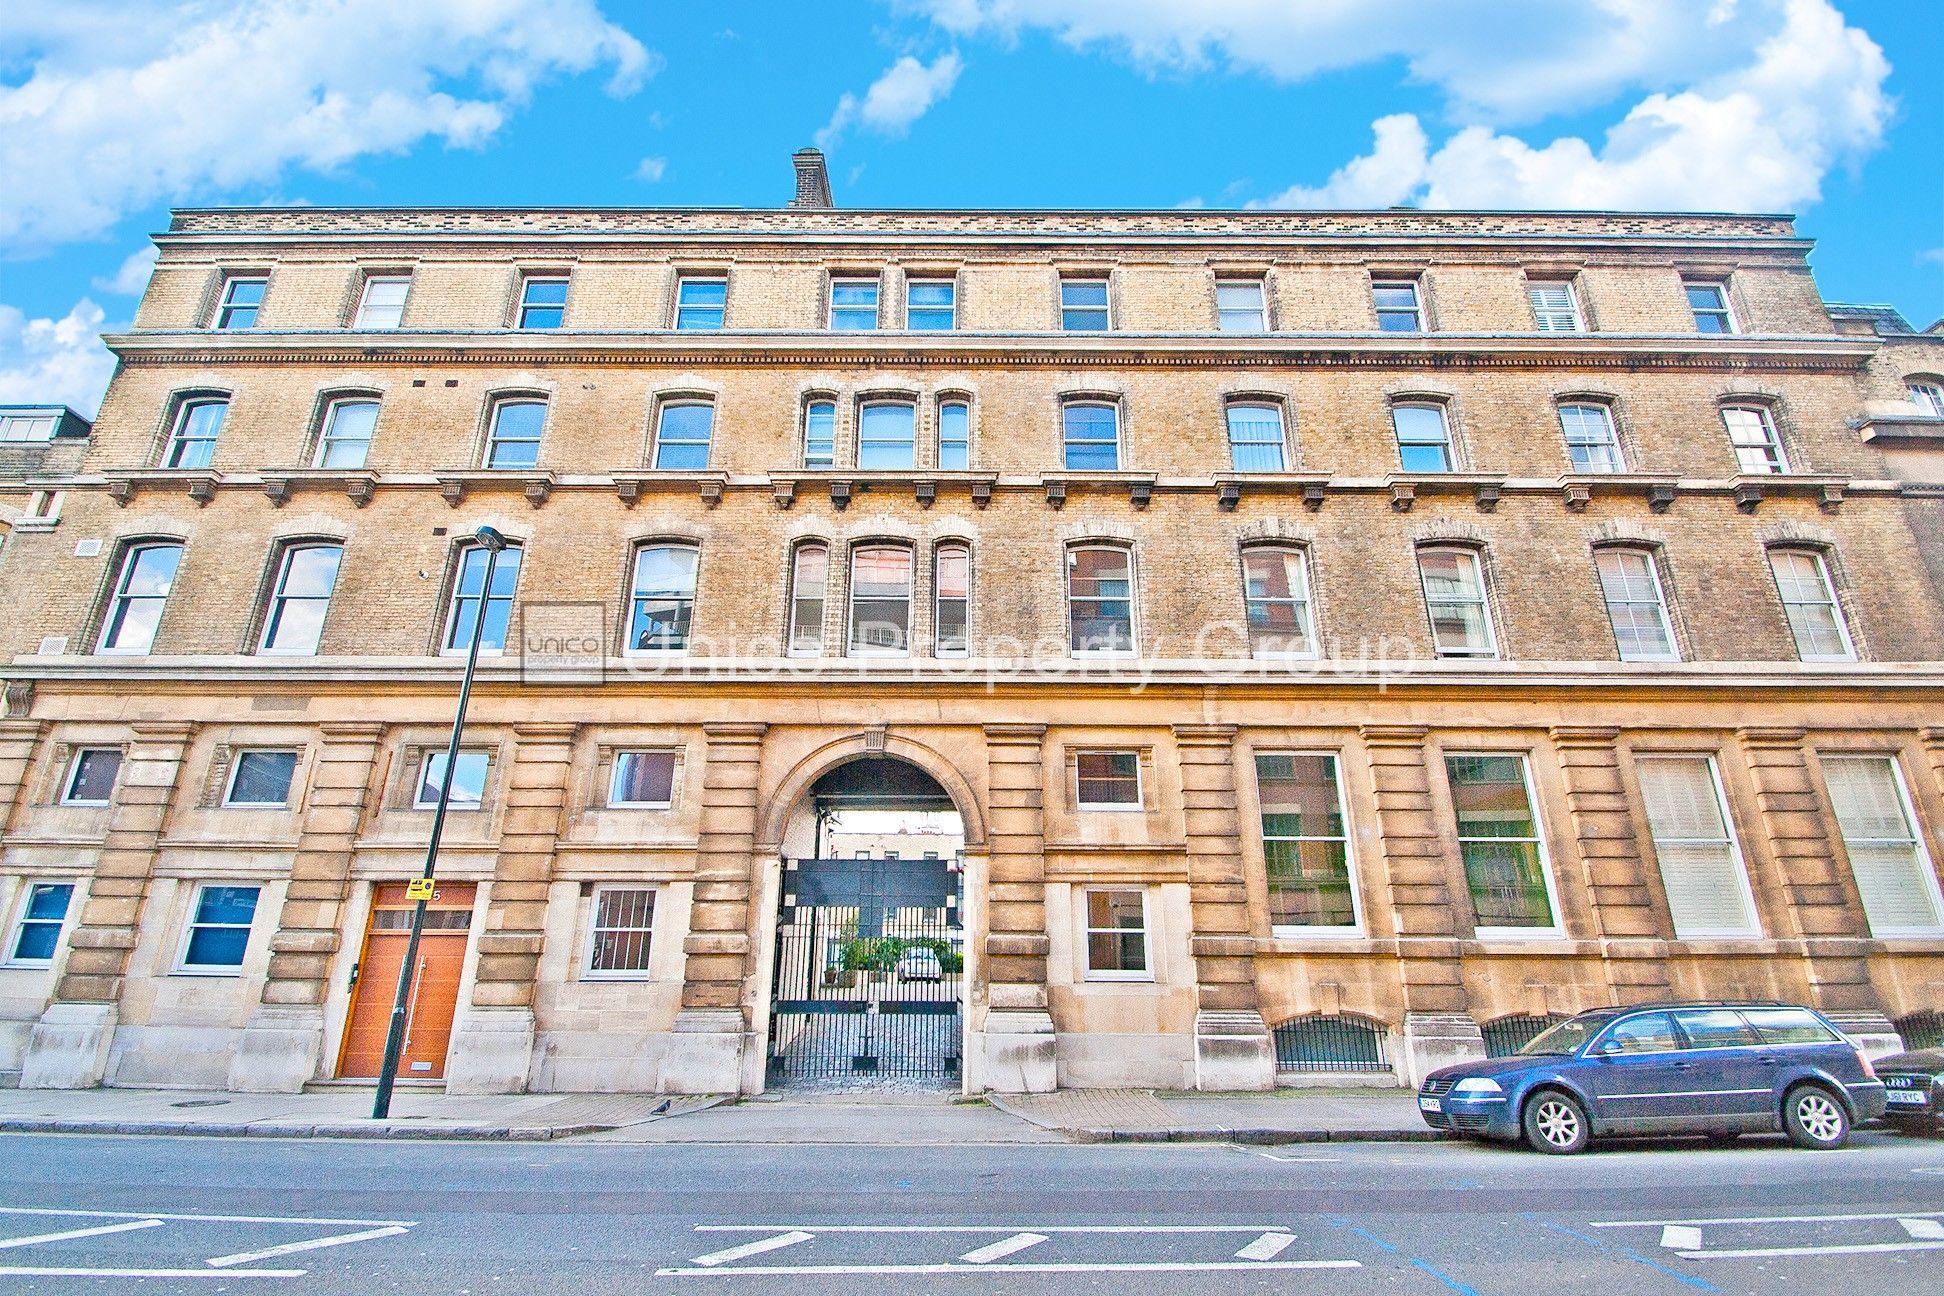 Stirling Court,  St. John Street, London